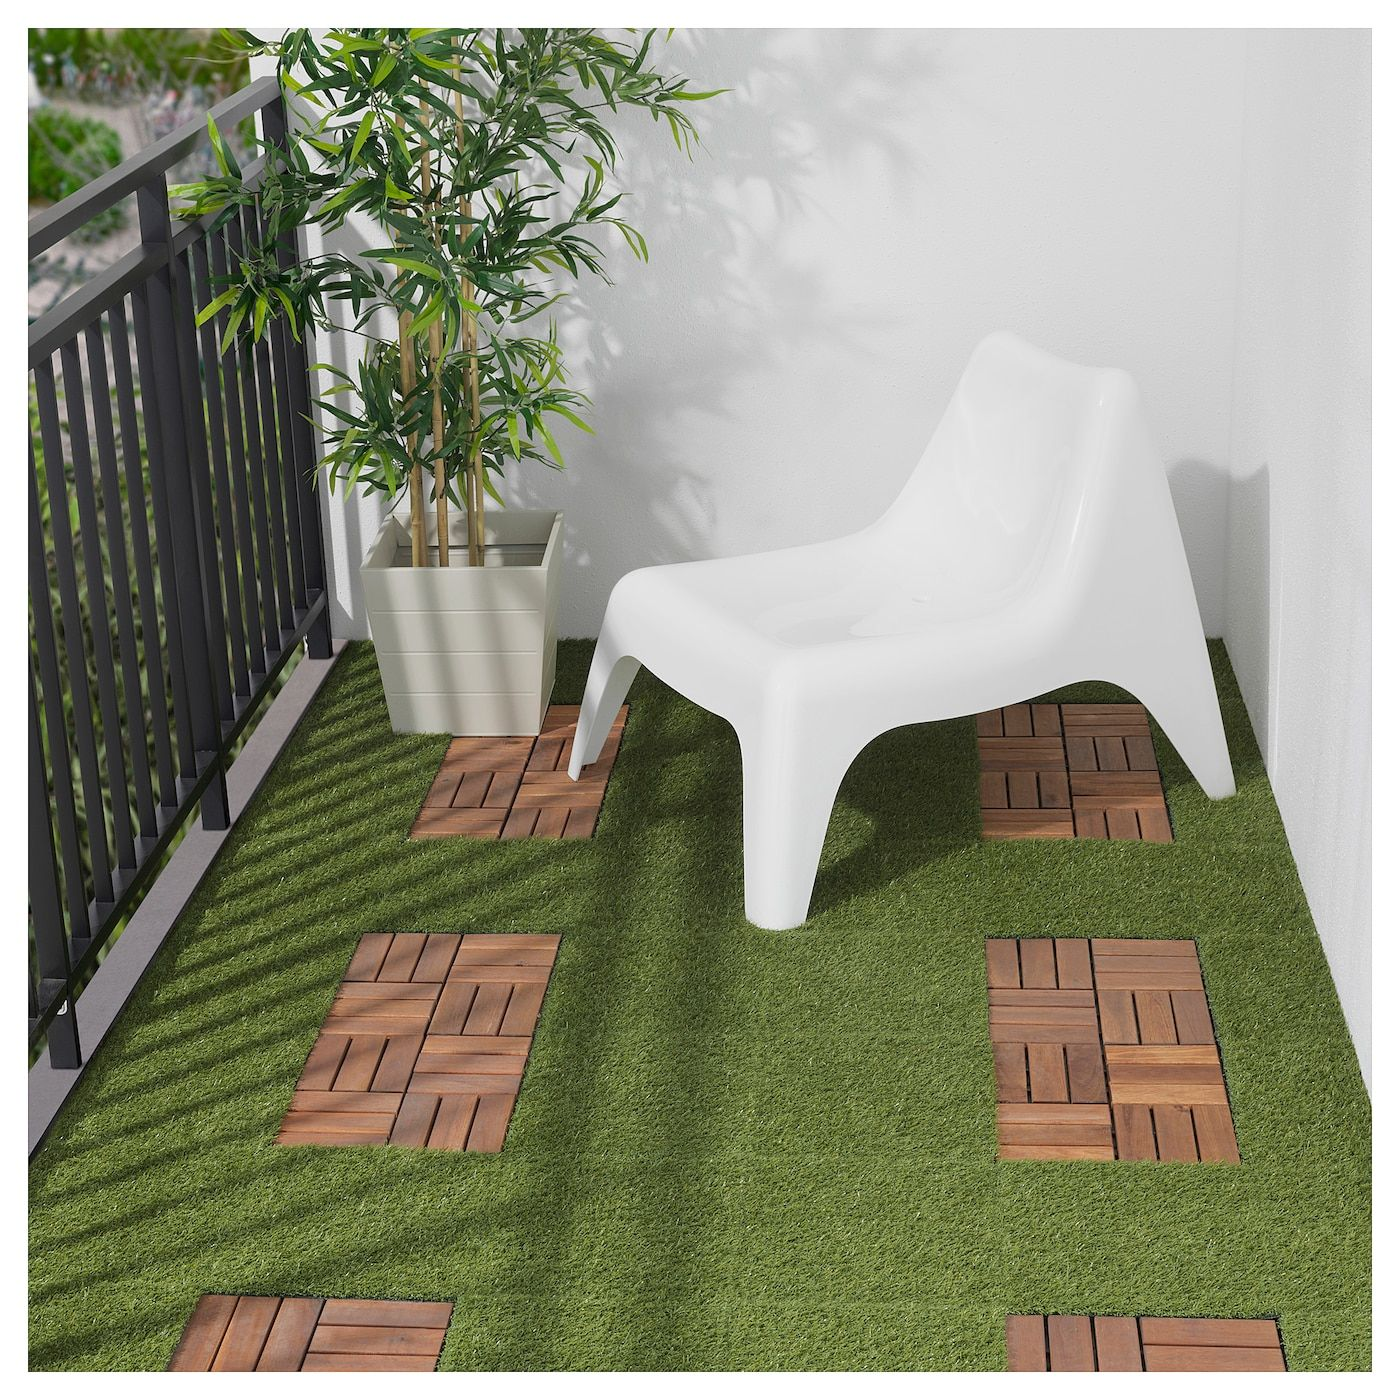 RUNNEN Decking, Outdoor - Artificial Grass